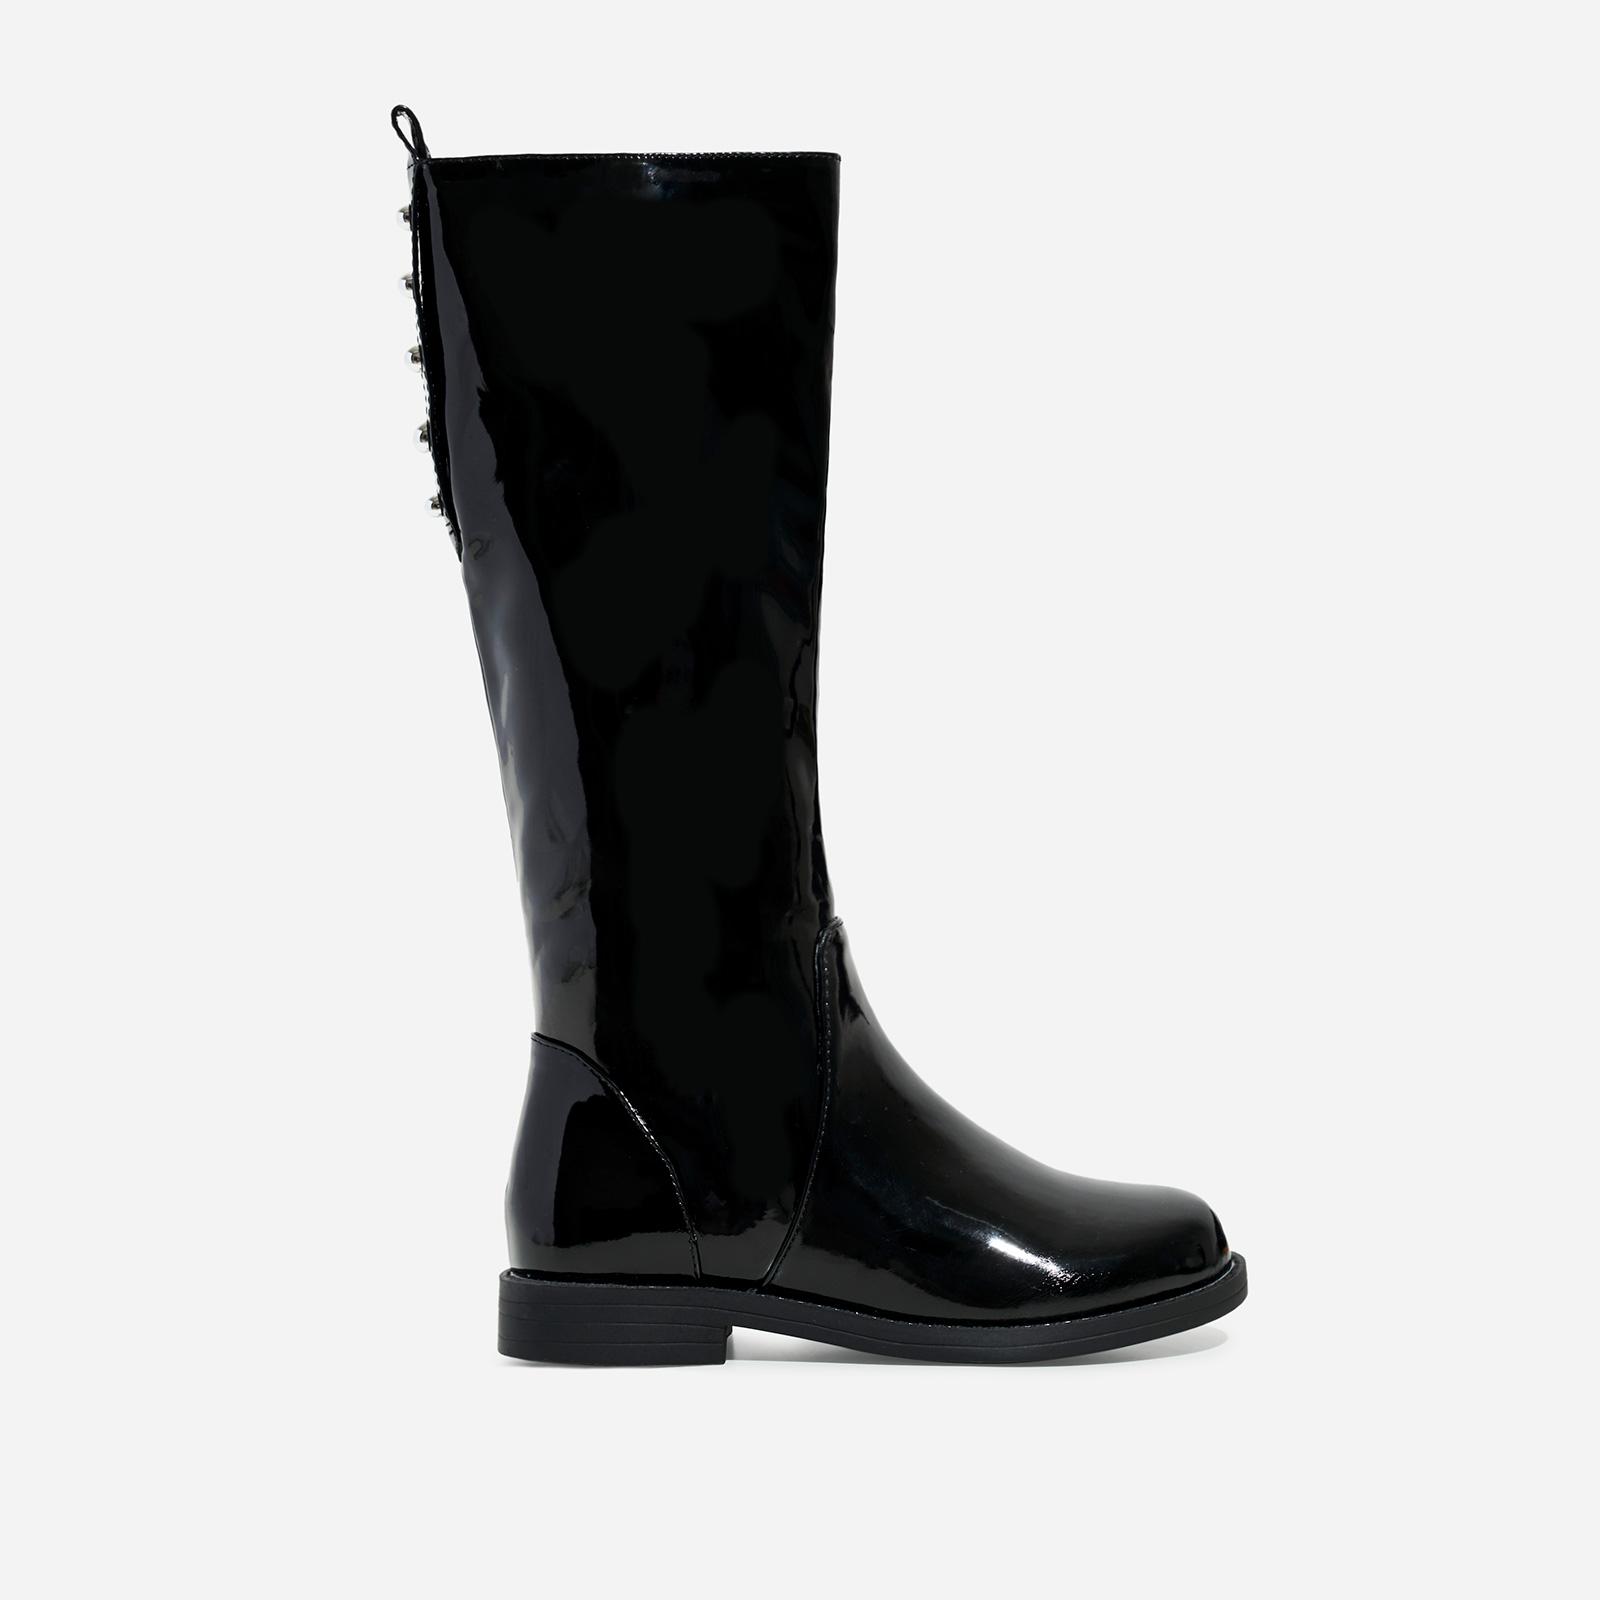 Sunshine Girl's Studded Detail Knee High Long Boot In Black Patent